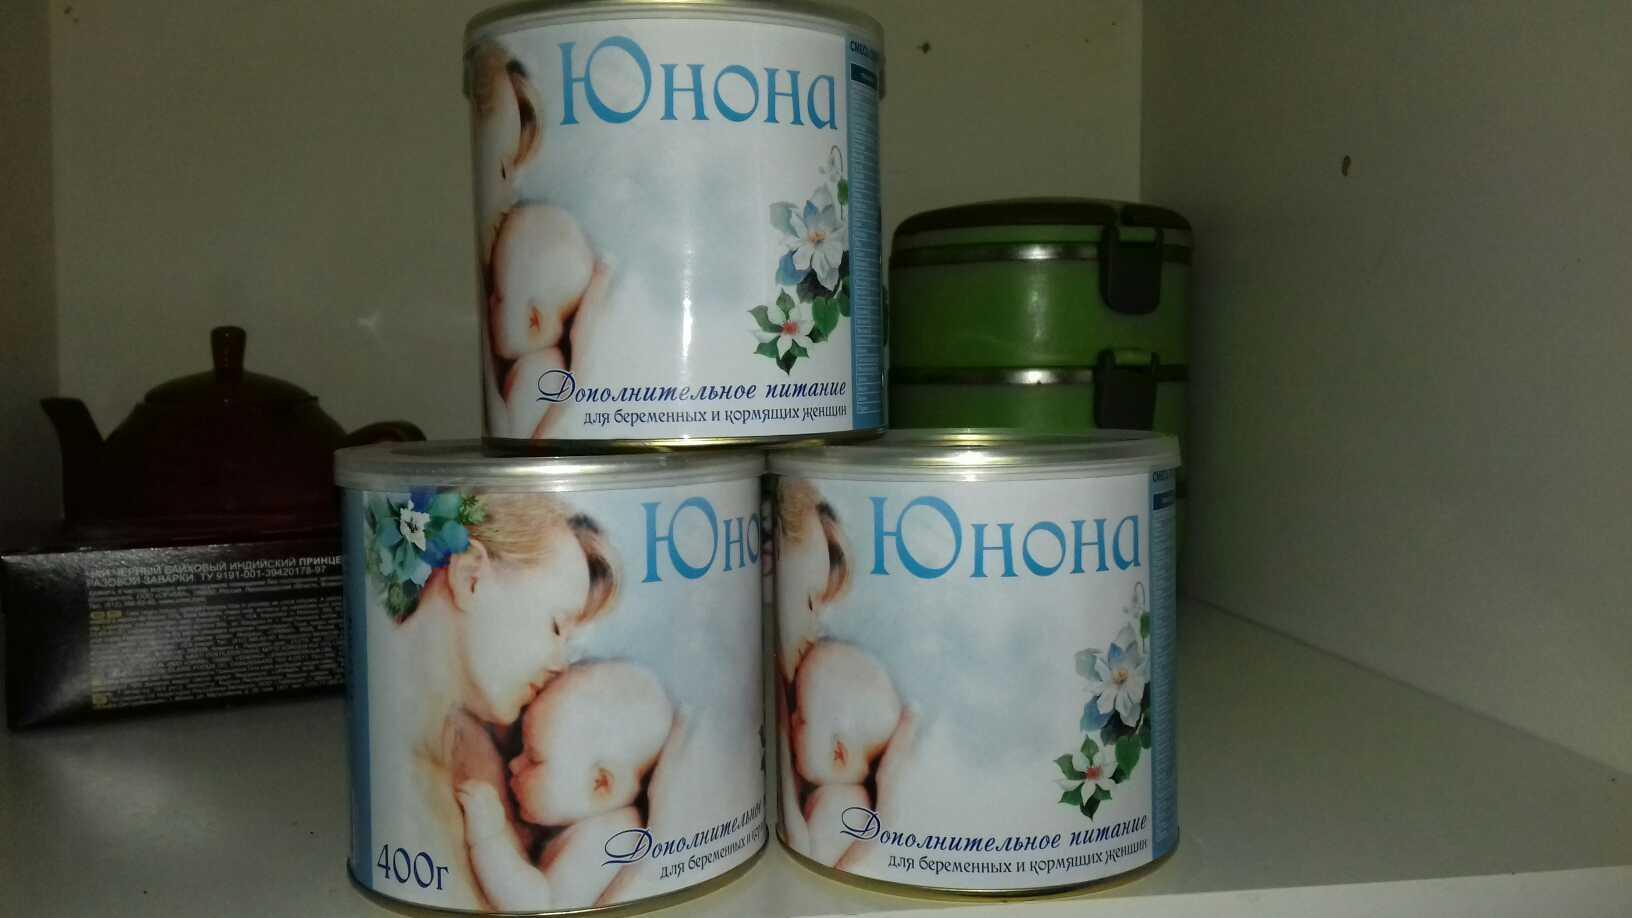 """Дополнительное питание """"Юнона"""" для беременных и кормящих"""